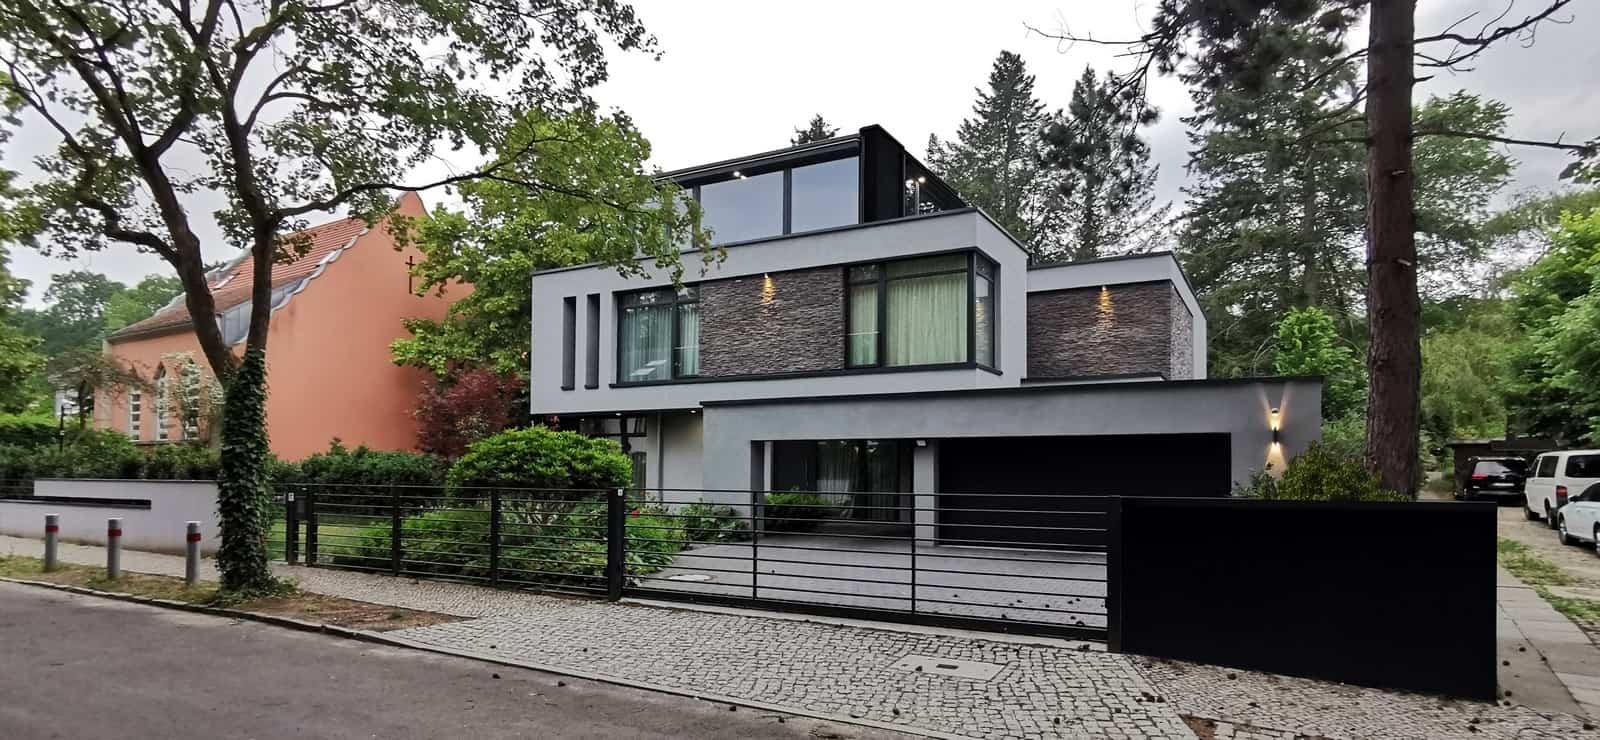 Wohnhaus modern geplant